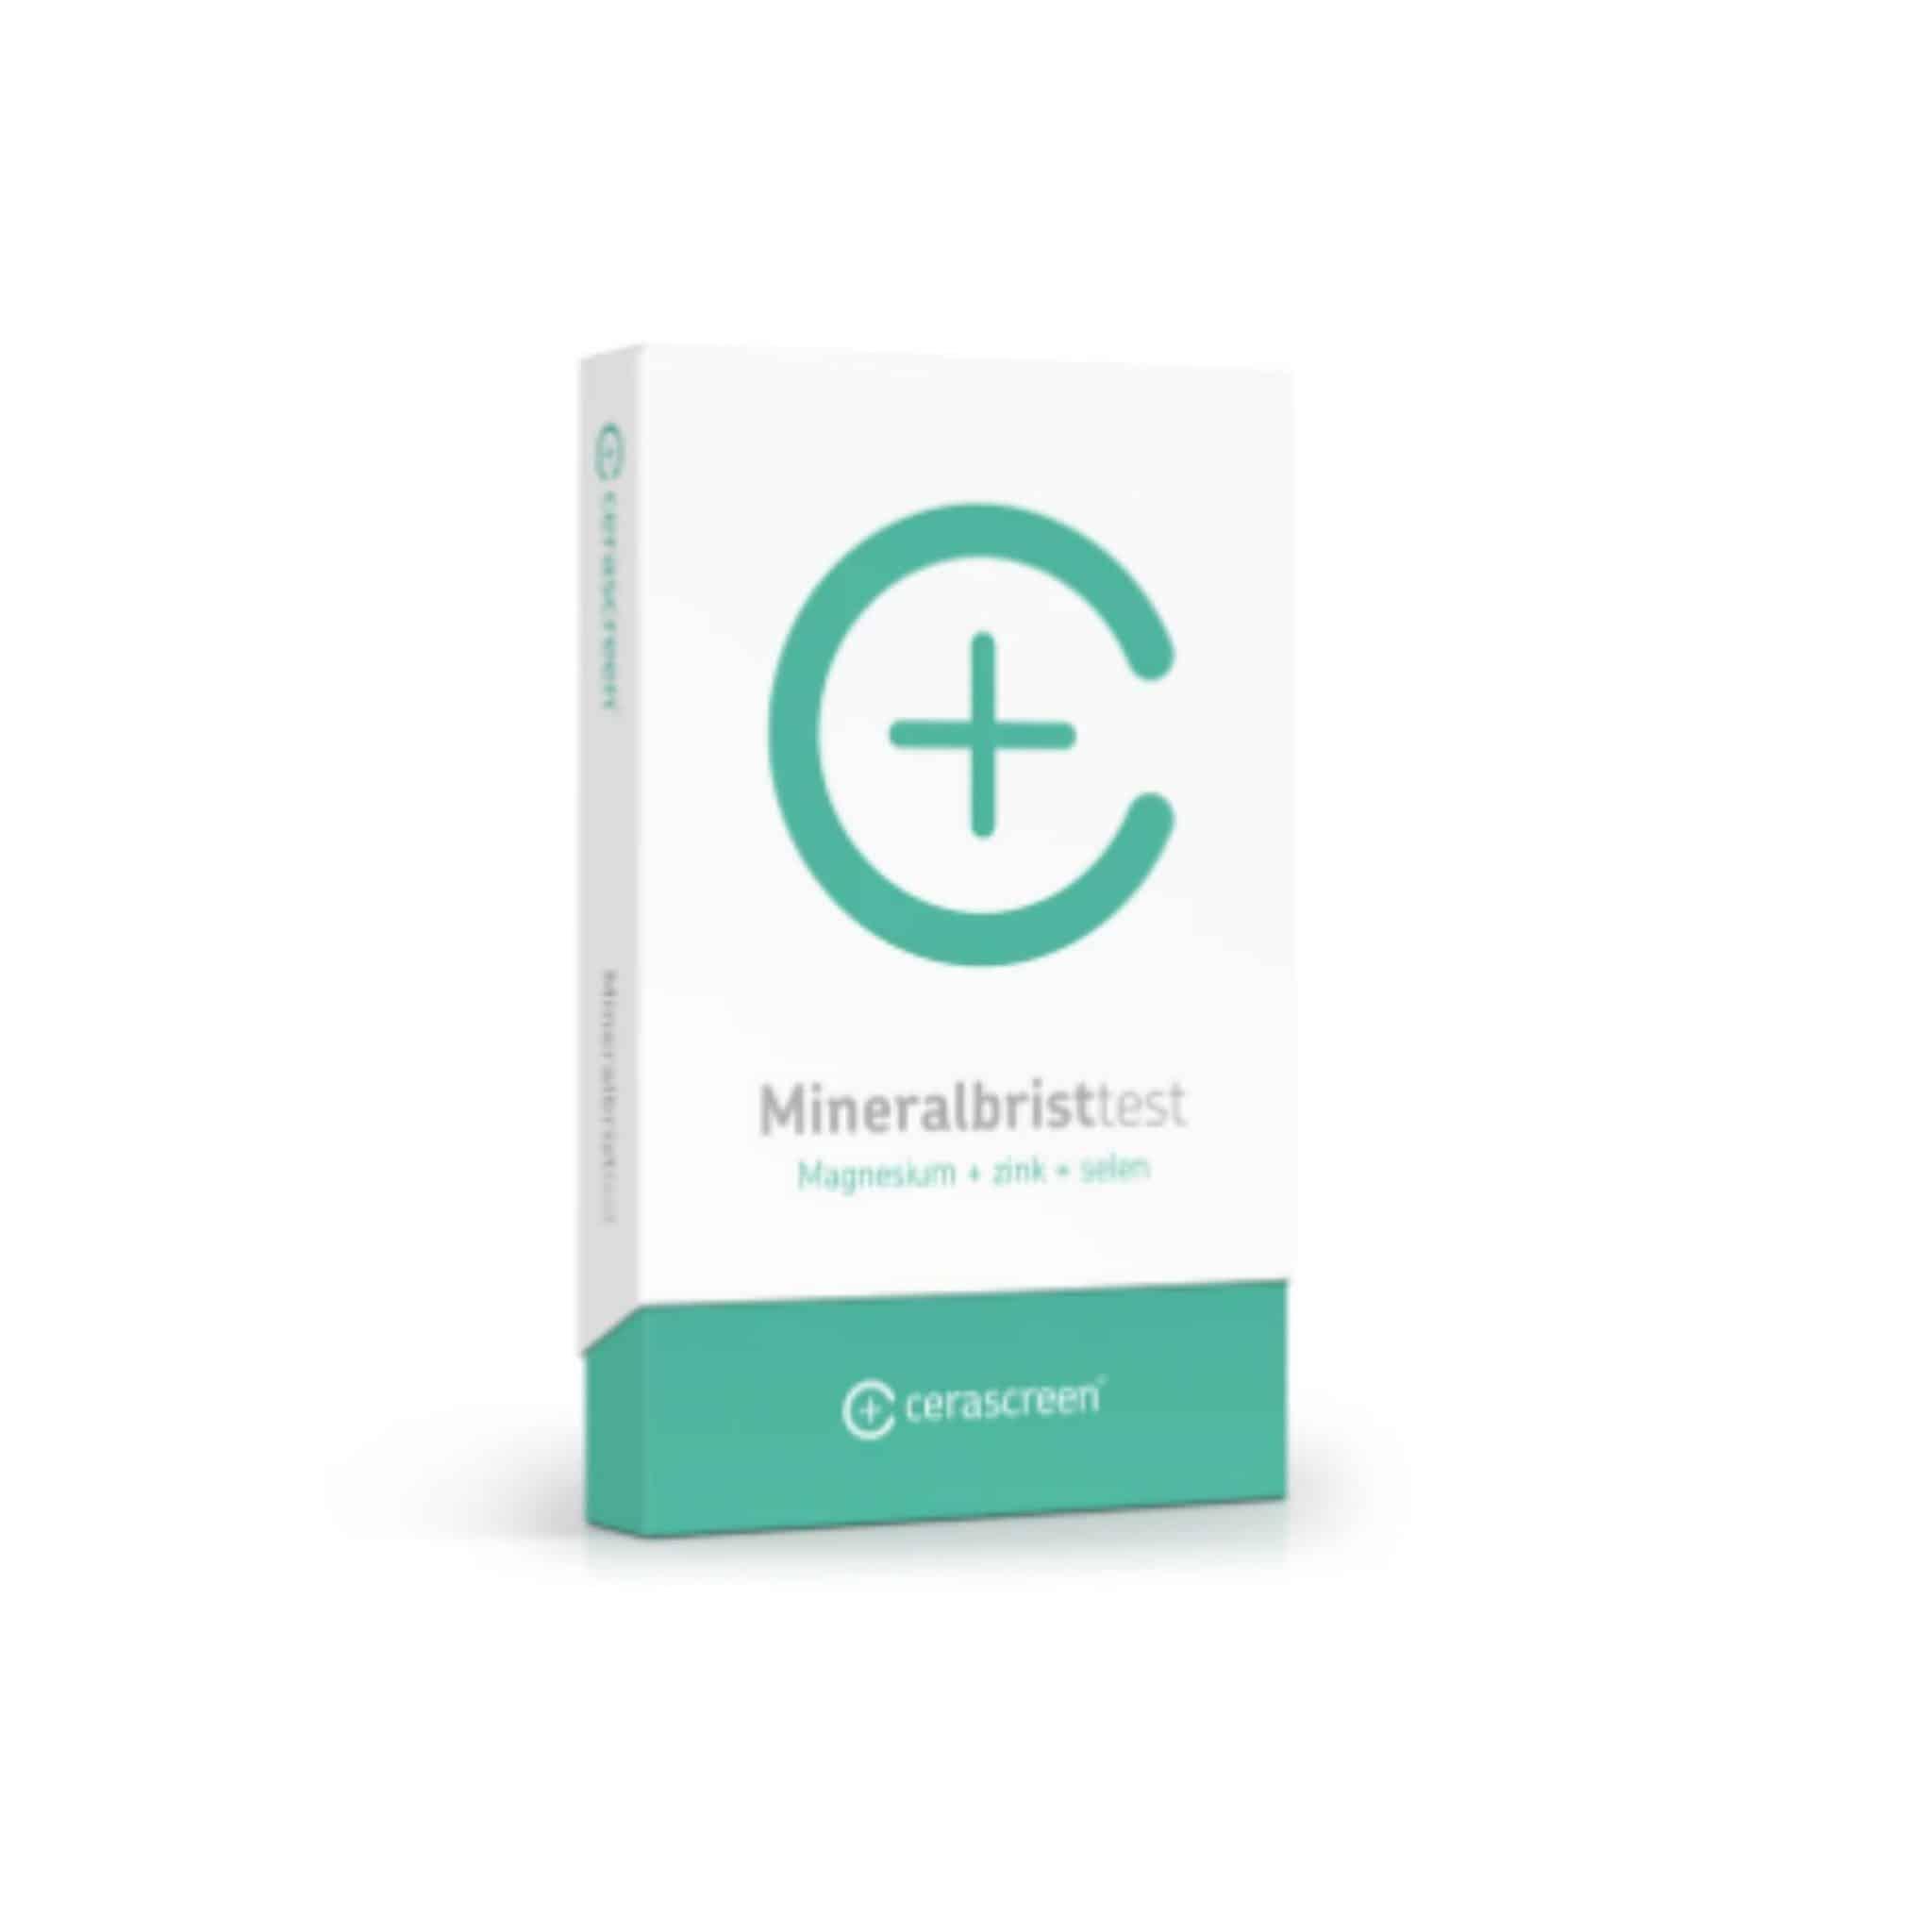 Test Cerascreen självtest hemma jämför mot quicktest LetsGetChecked Dynamic Code och fler, Covidtester, hormoner mineralbris